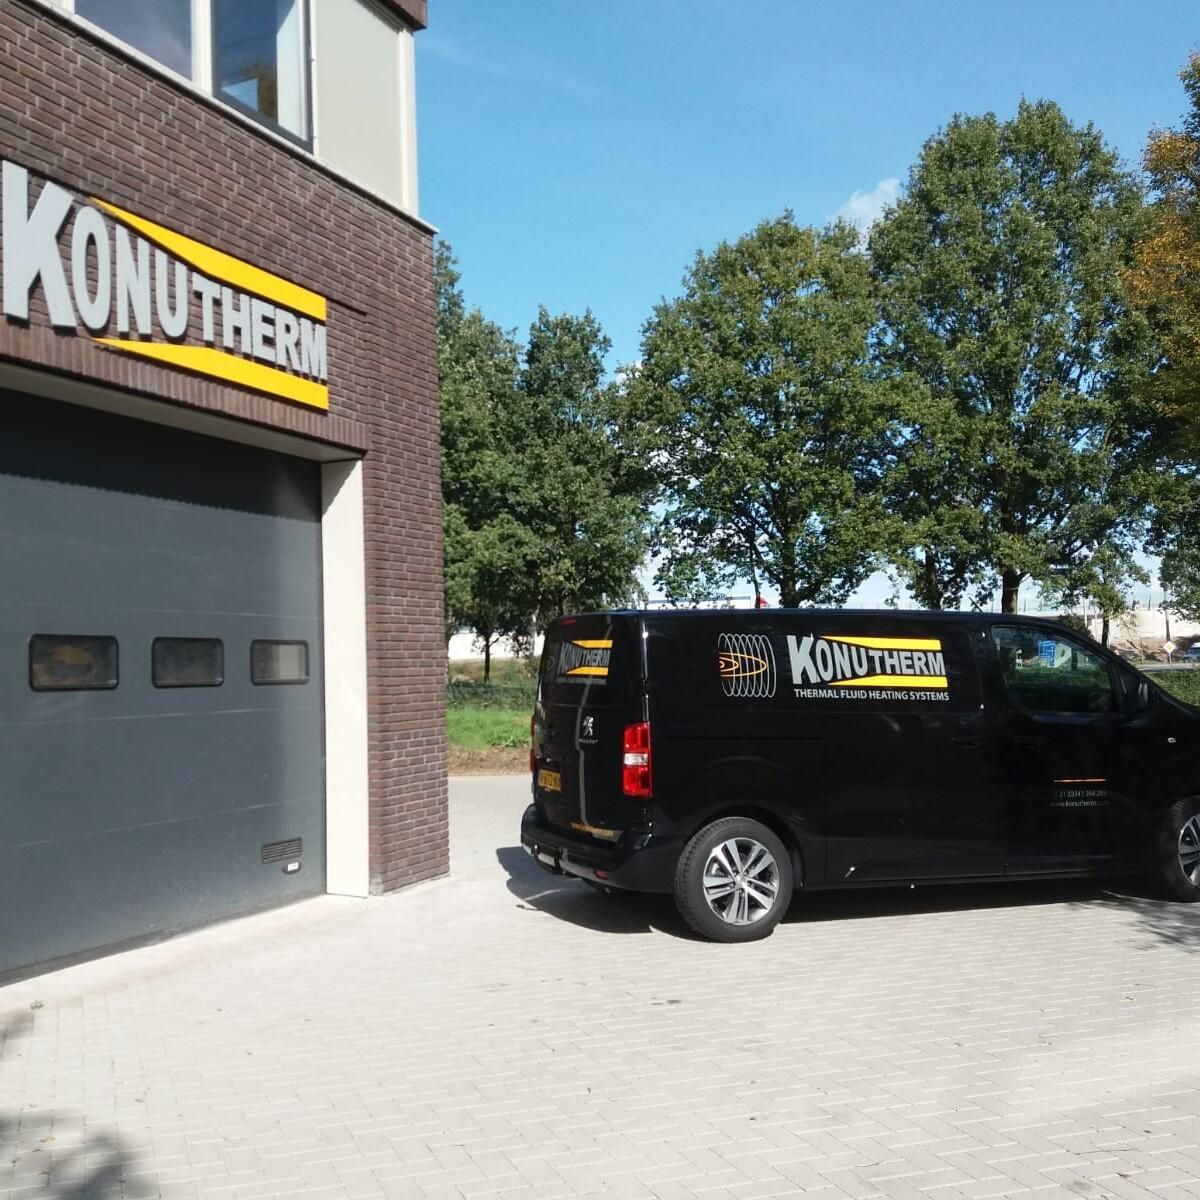 Nieuw kantoor Konutherm Baarn